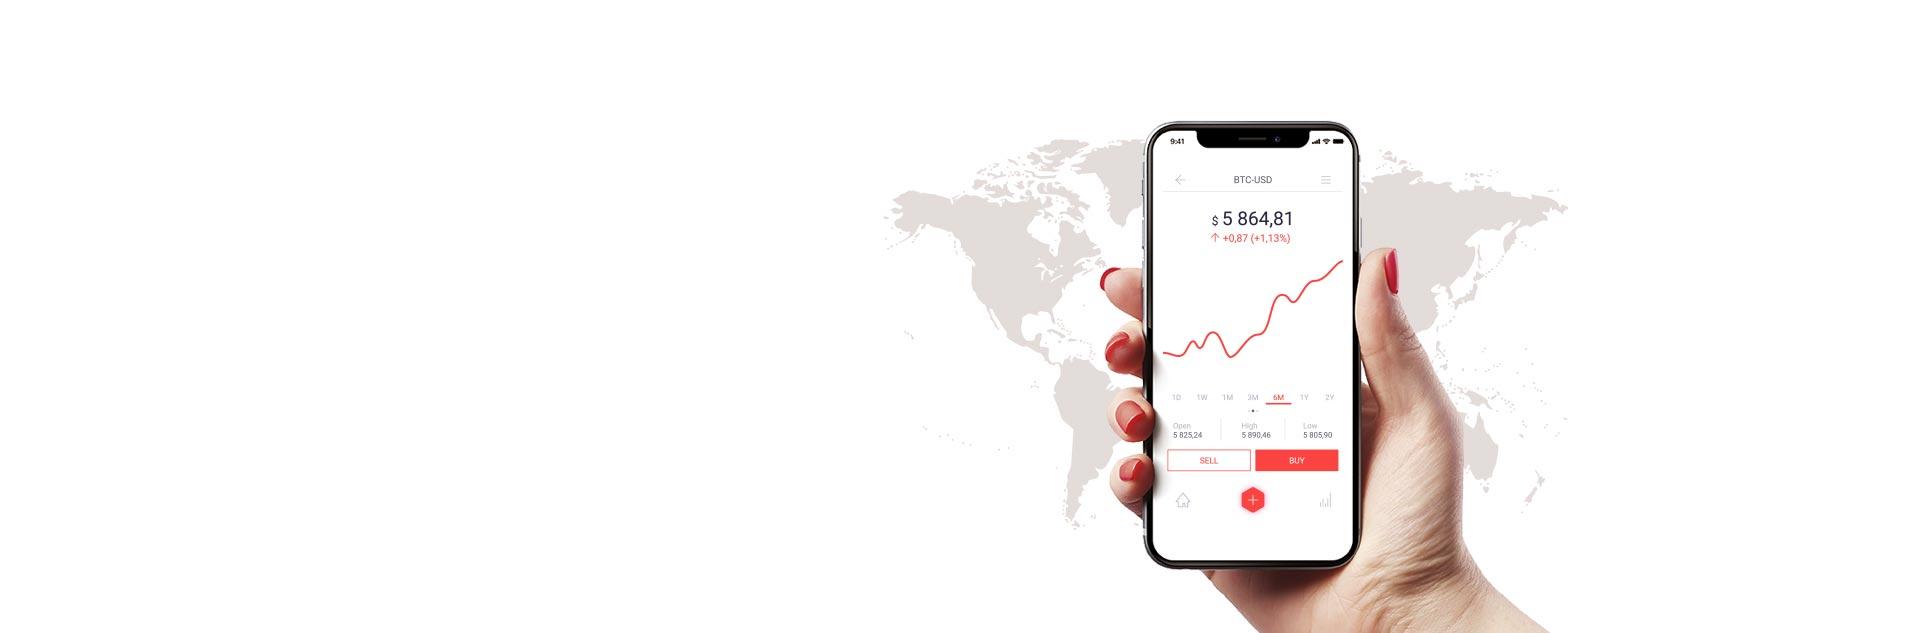 fintech investment trends